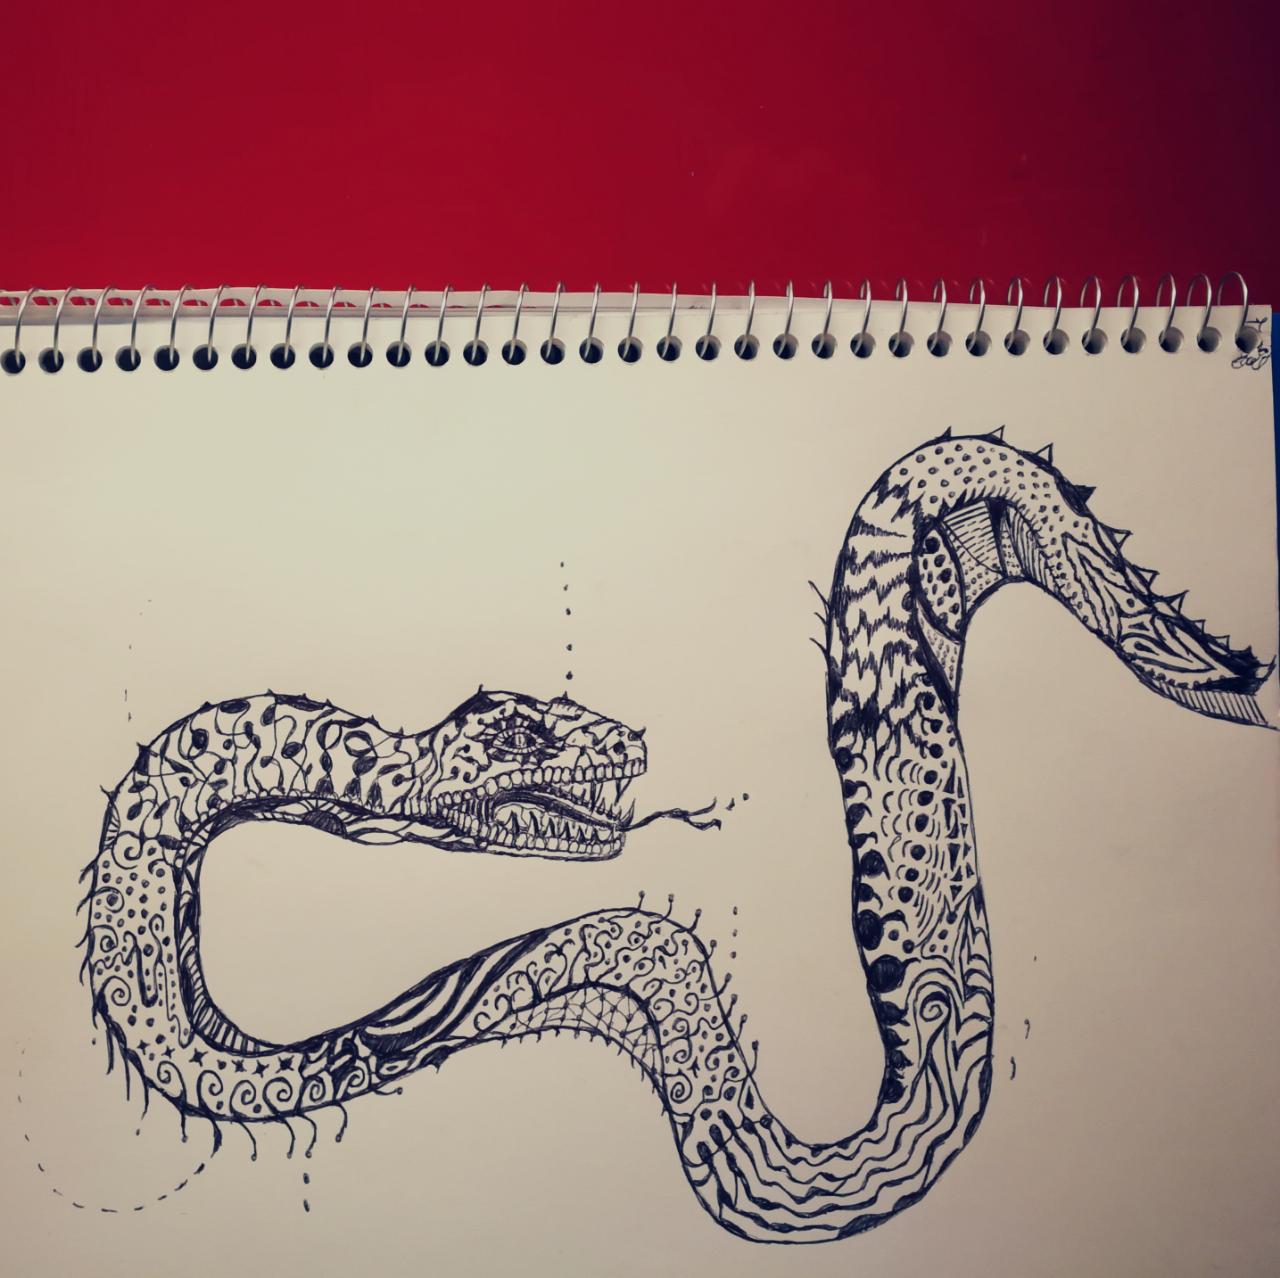 2019-08-31-snake